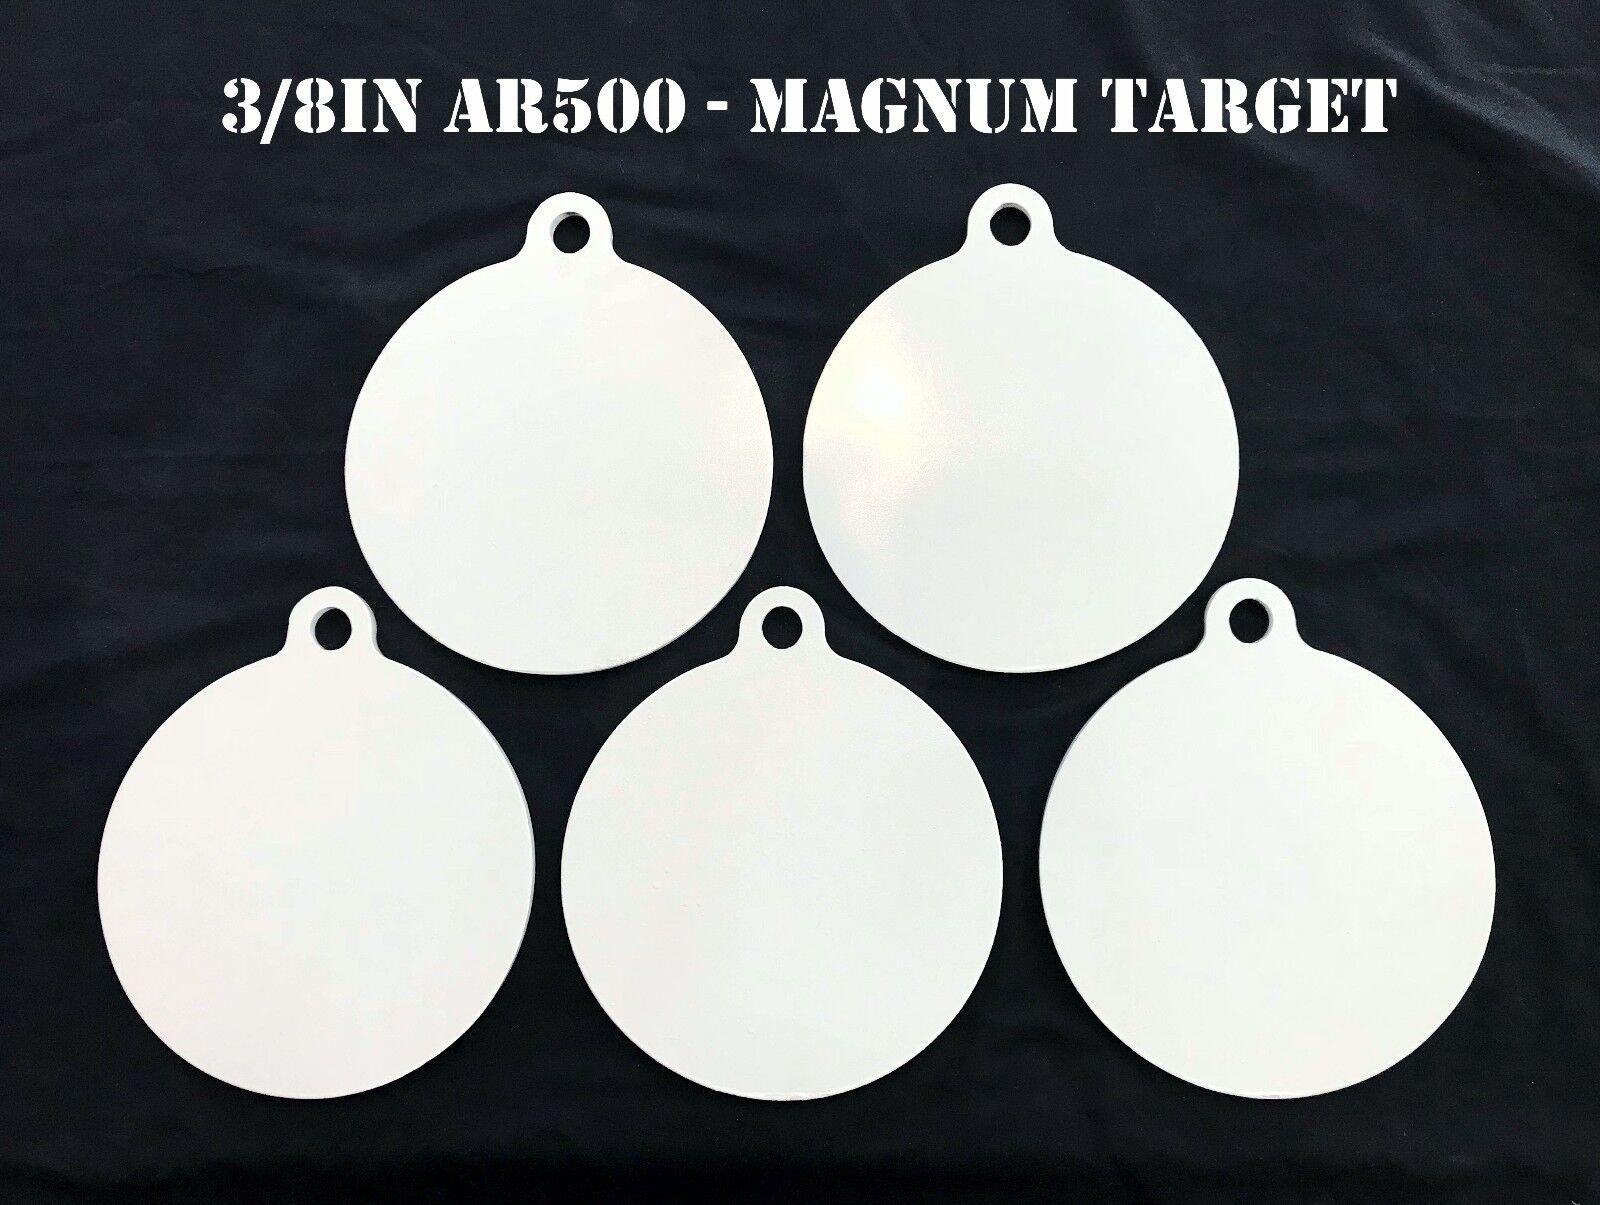 8 in (approx. 20.32 cm) cm) cm) de diámetro. AR500 Acero objetivos de disparo de acero objetivos Gong - - objetivos de pistola - 5pc f5c323